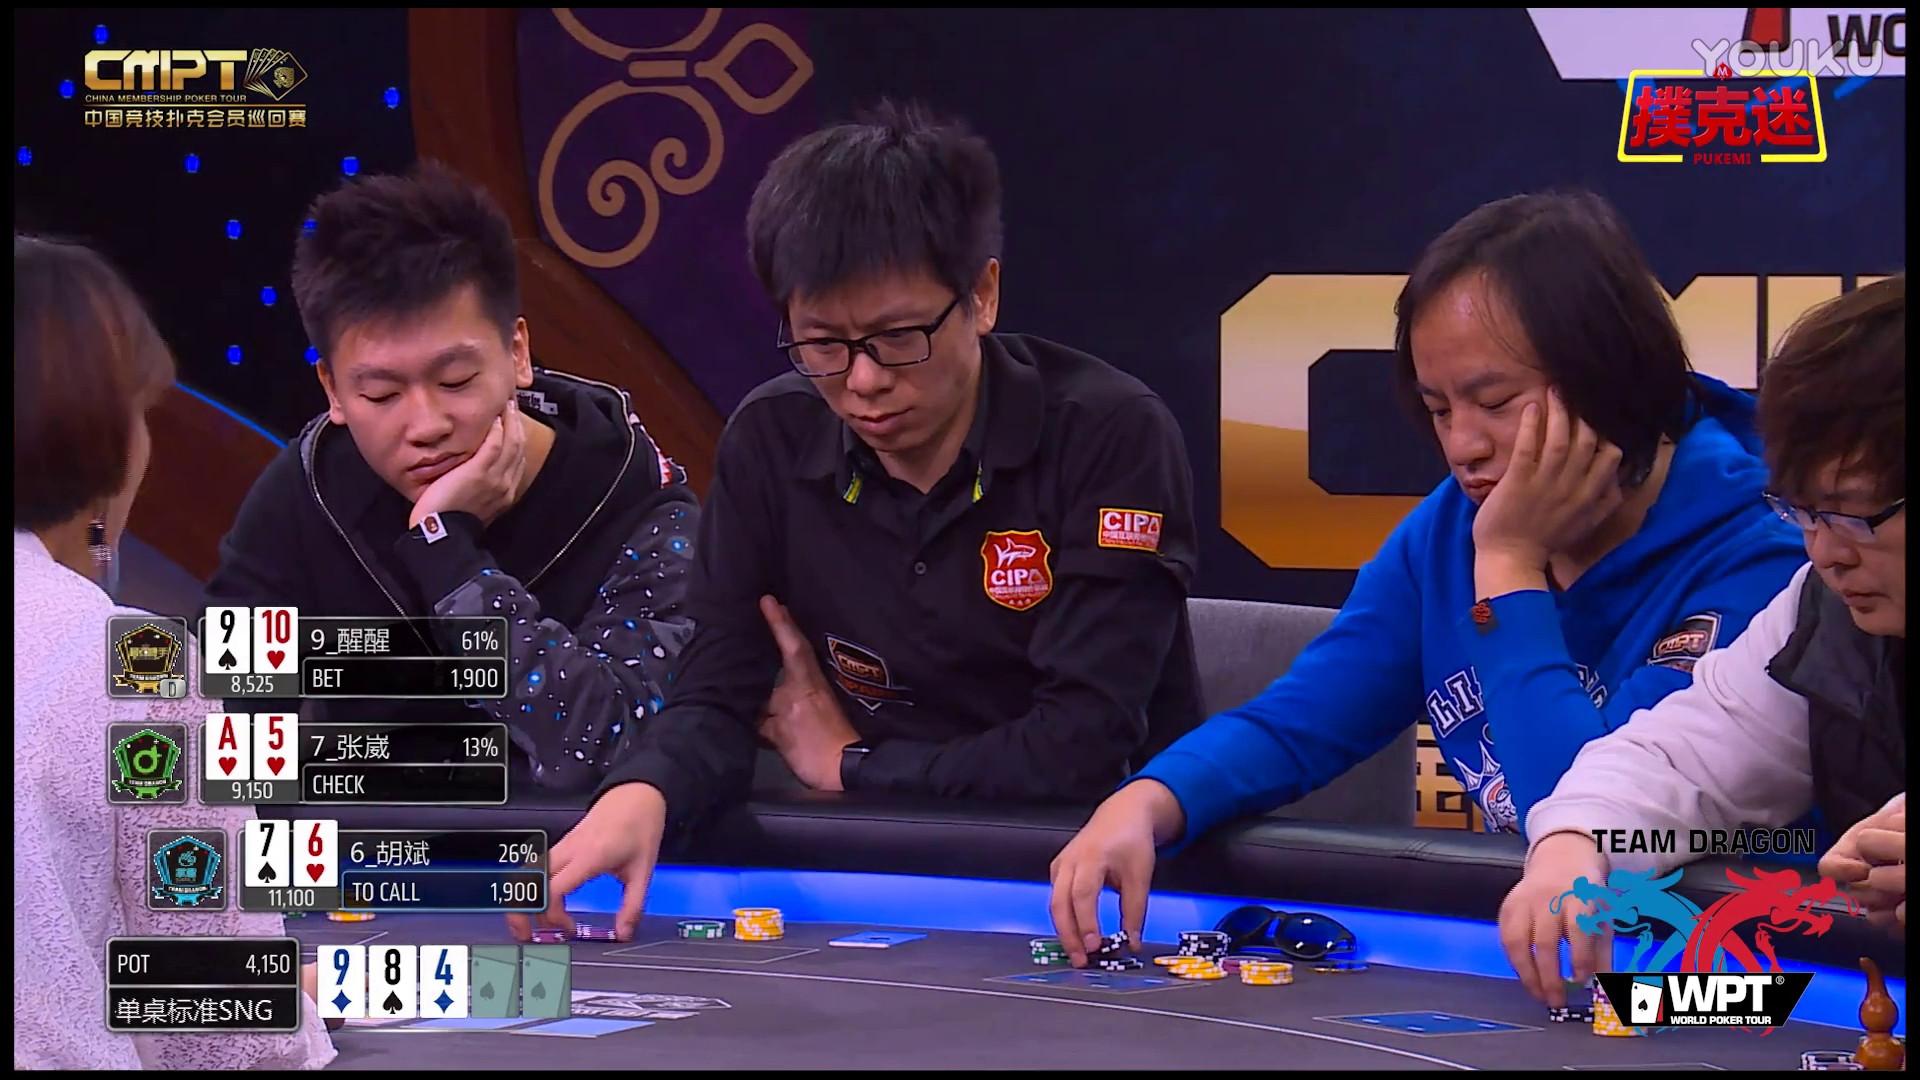 [德州扑克]CMPT团队赛SNG_03掌趣胡斌vs最强牌手醒醒